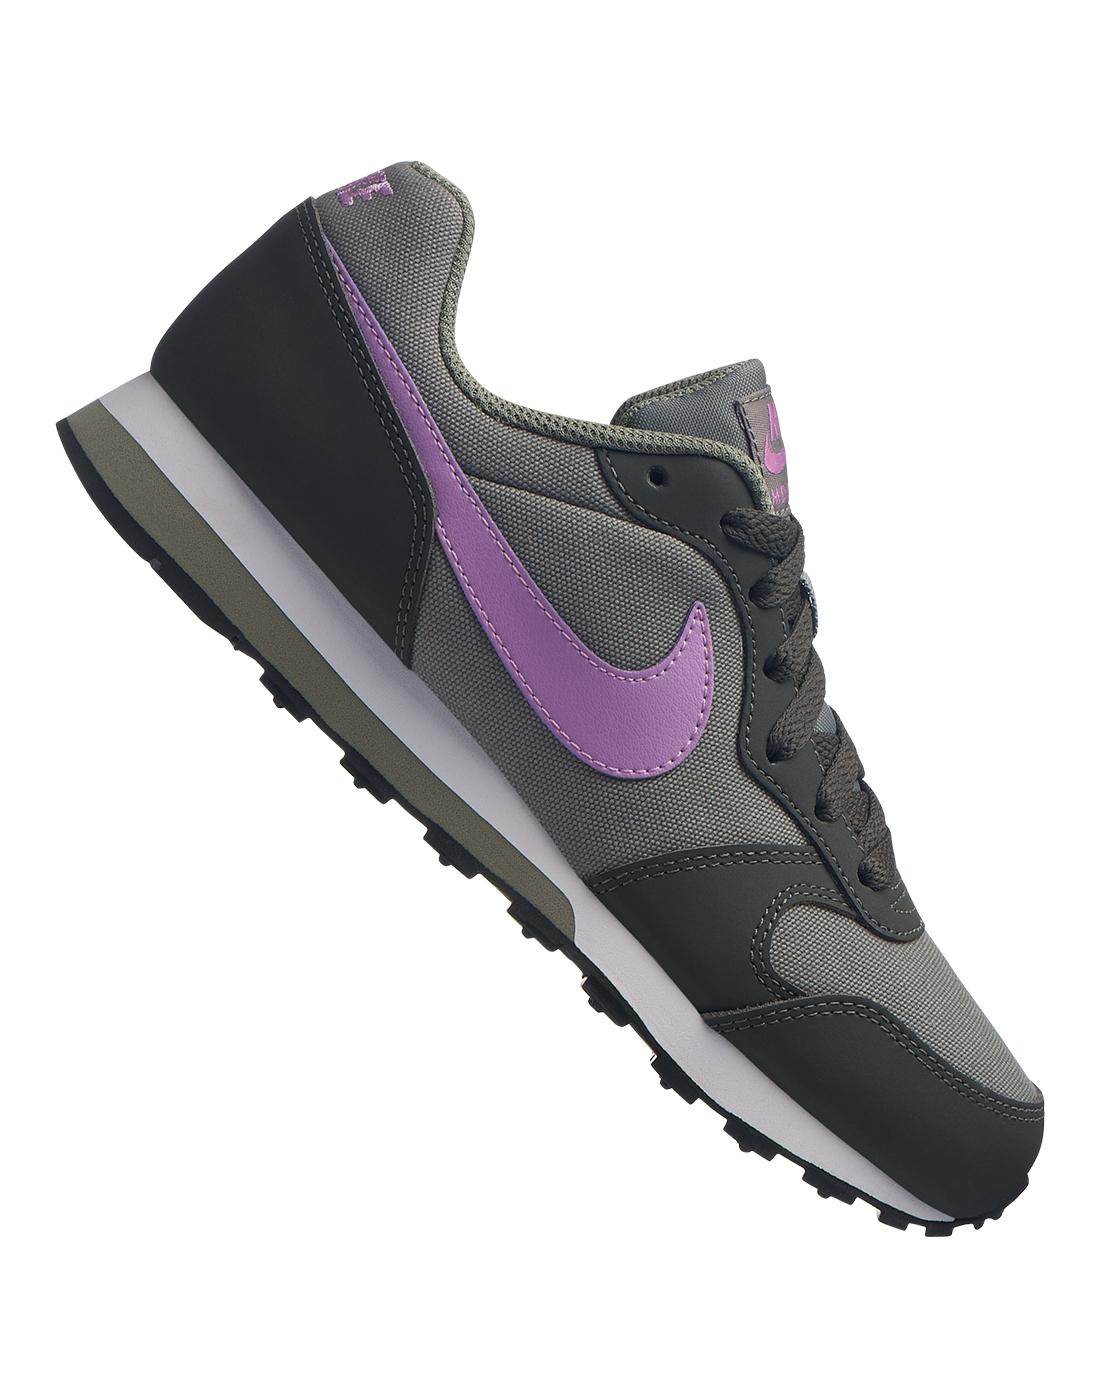 7c0cd010f9a35 Nike Older Girls MD Runner 2